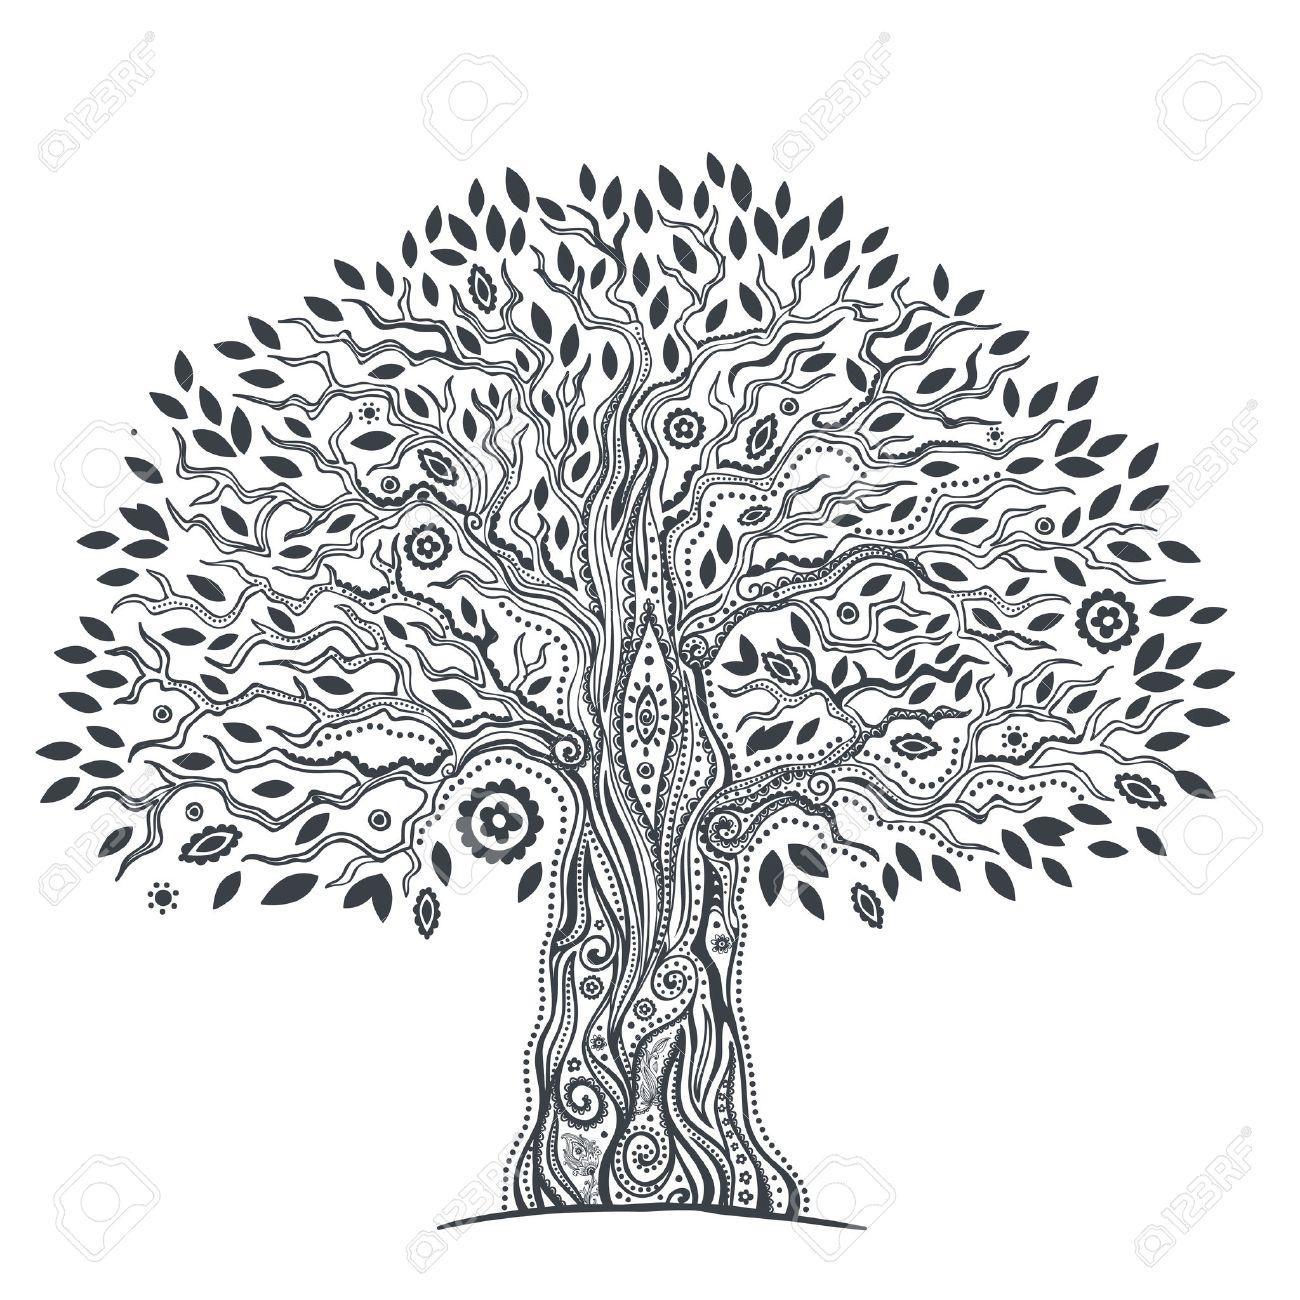 Schöne Einzigartige Ethnische Baum Des Lebens Darstellung Lizenzfrei